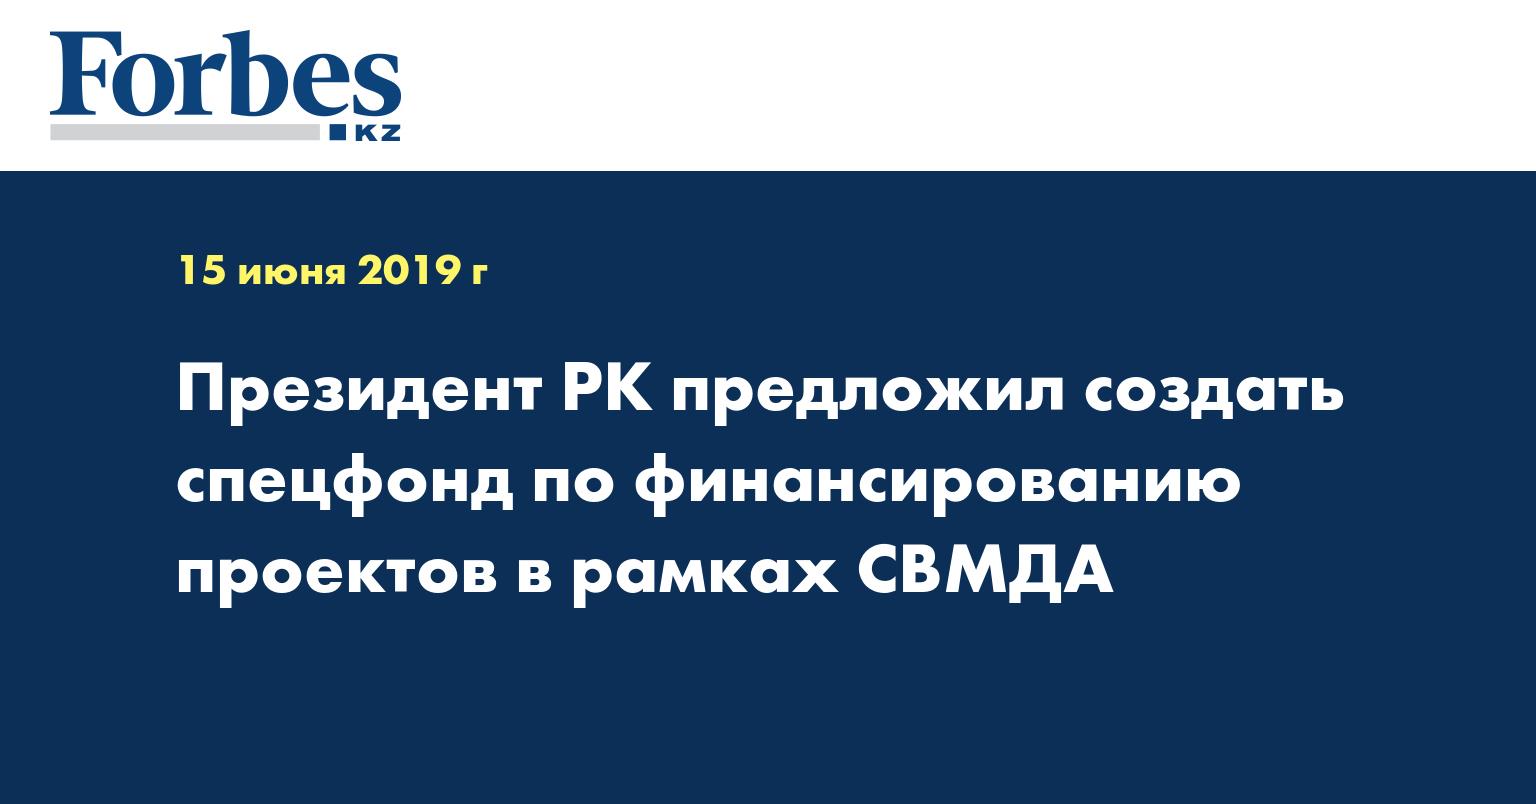 Президент РК предложил создать спецфонд по финансированию проектов в рамках СВМДА